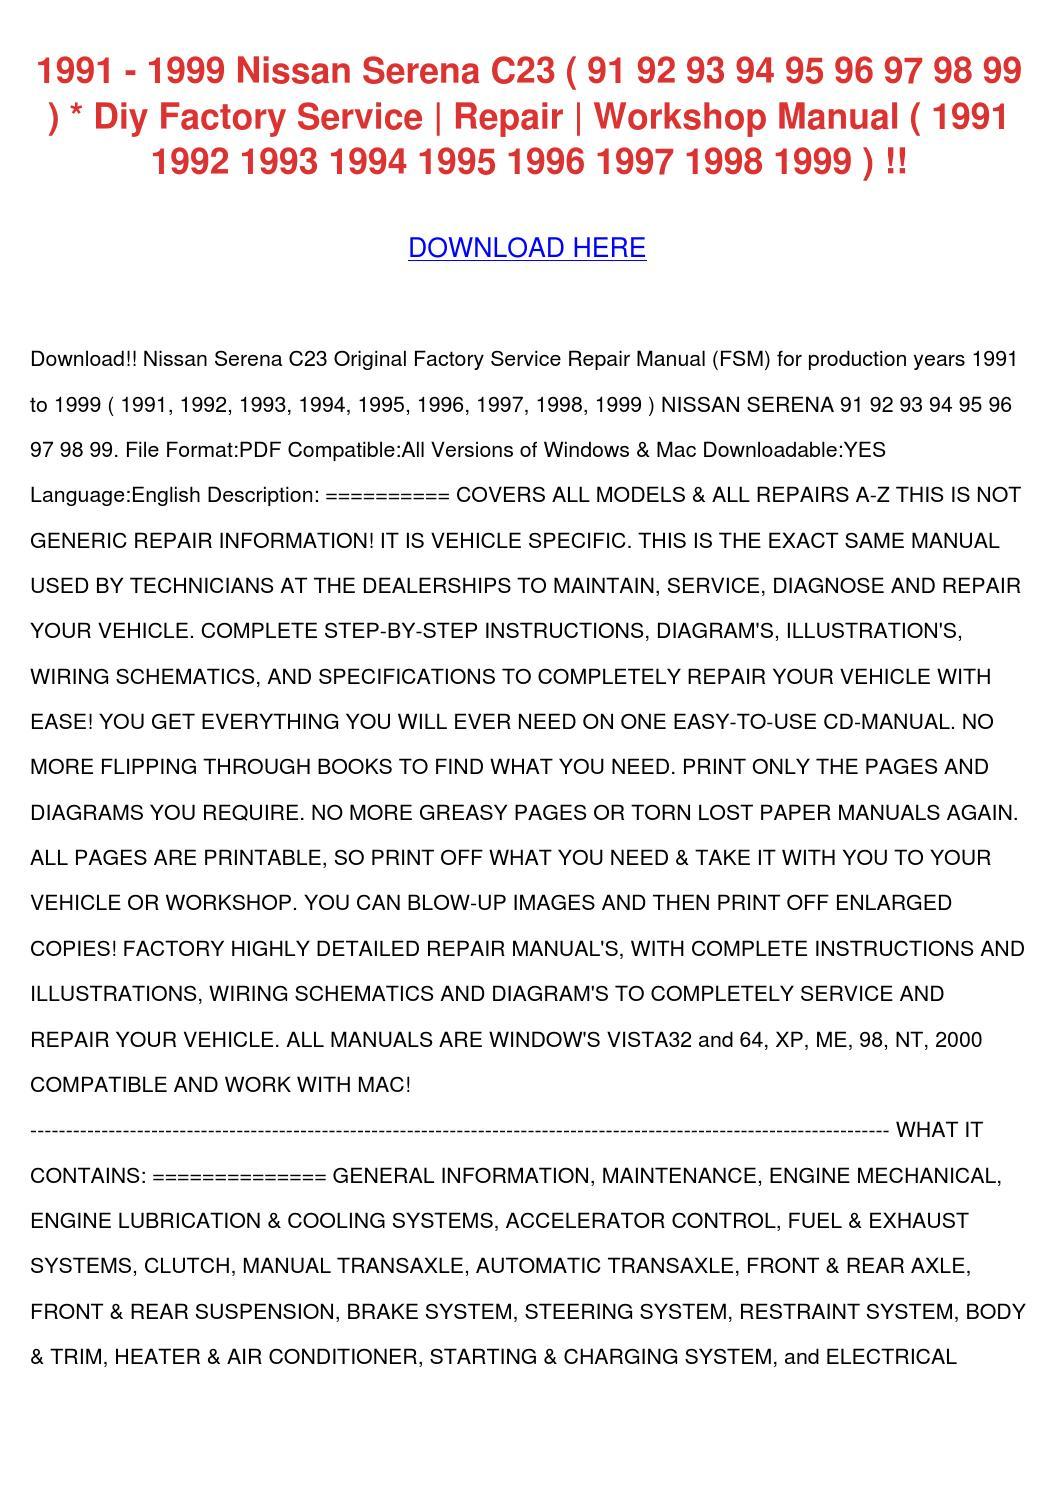 1991 1999 Nissan Serena C23 91 92 93 94 95 96 by MilfordMueller ...